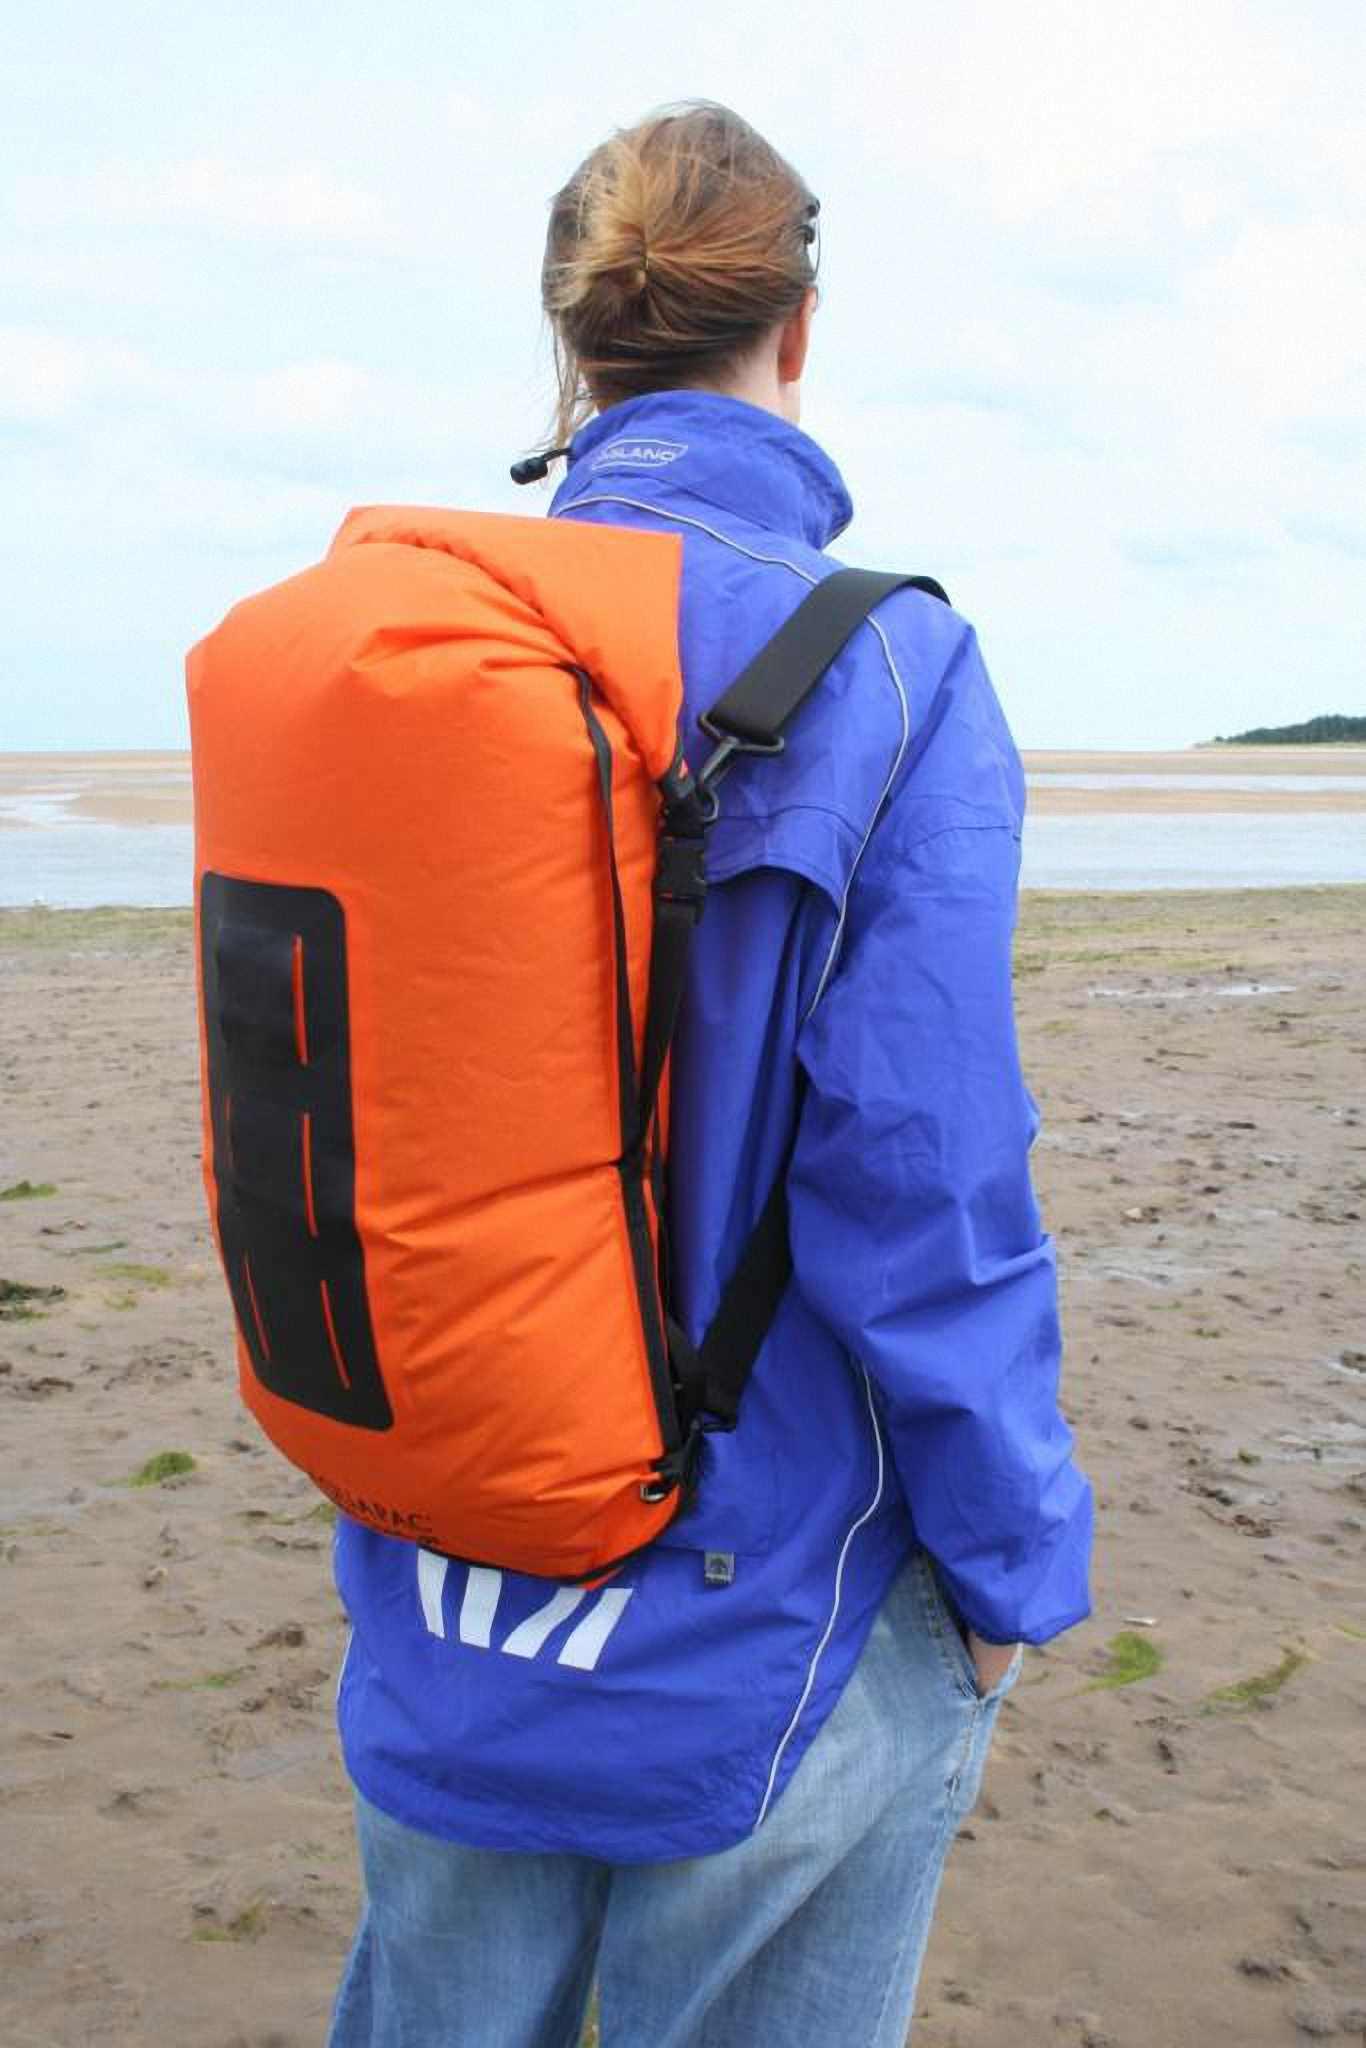 Водонепроницаемый  гермомешок-рюкзак (с двумя плечевыми ремнями) Aquapac 761 - Noatak Wet & Drybag - 15L.. Aquapac - №1 в мире водонепроницаемых чехлов и сумок. Фото 3